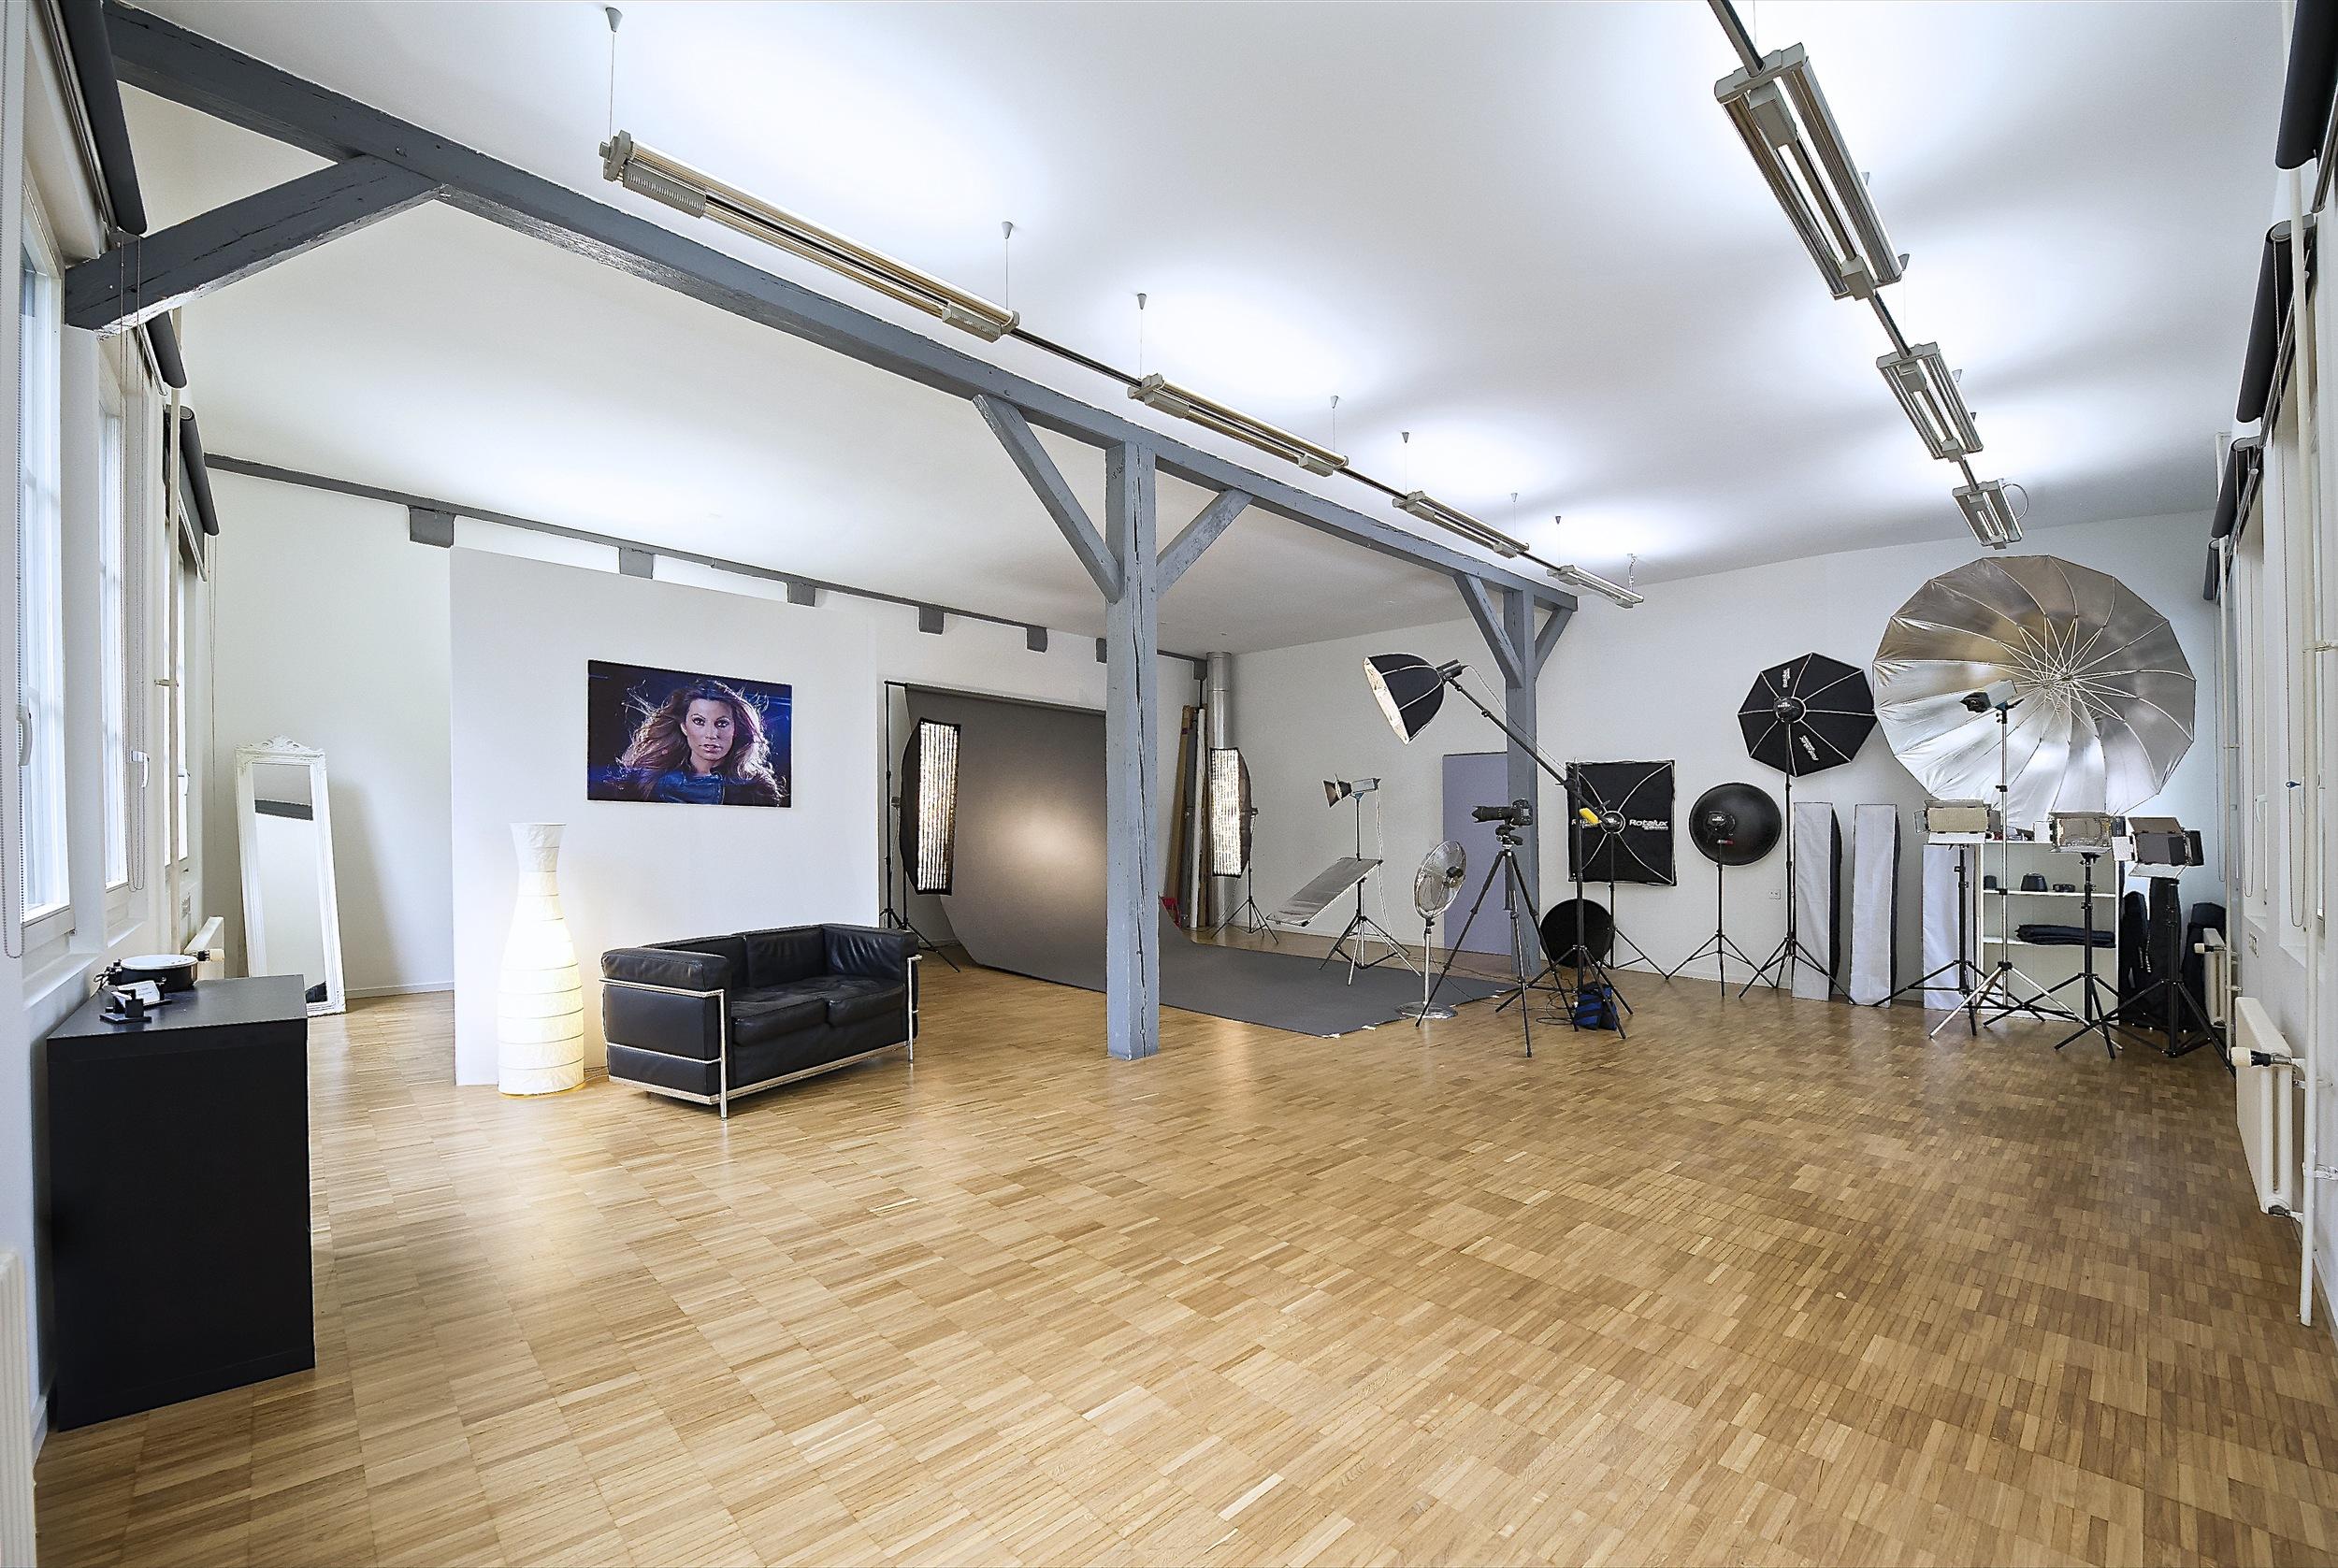 Studio 34